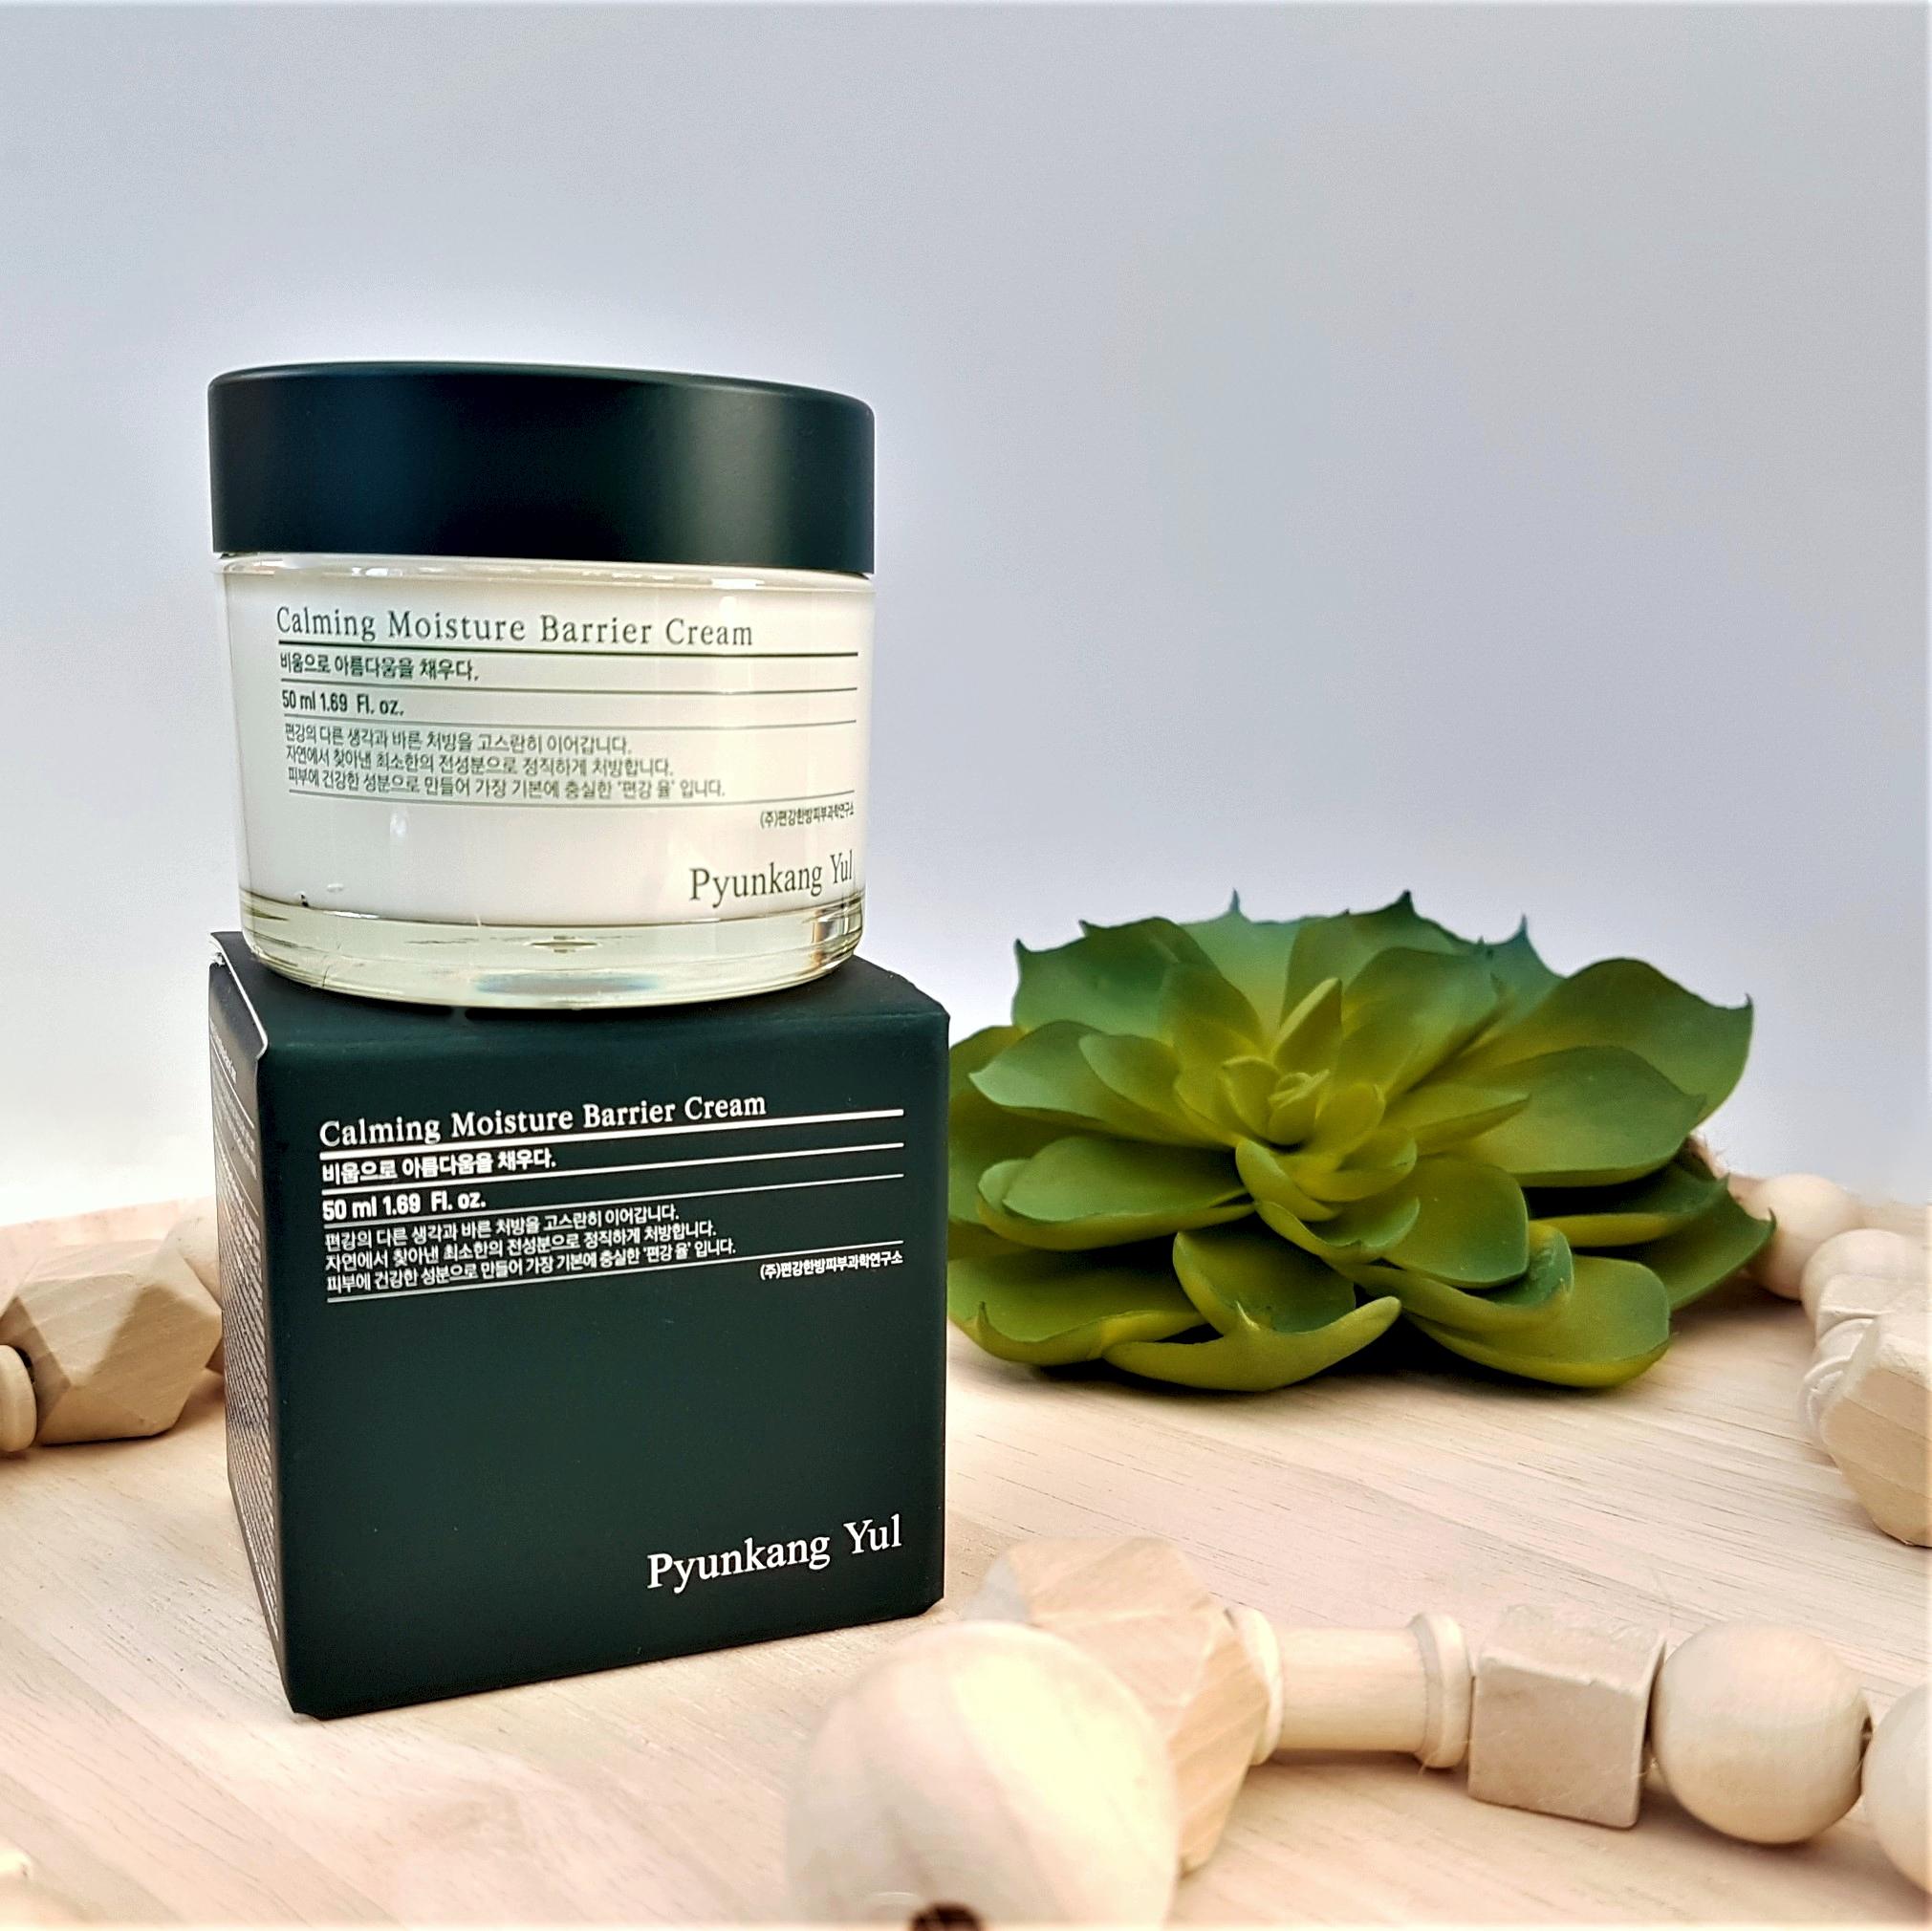 Pyunkang Yul Calming Moisture Barrier Cream Packaging